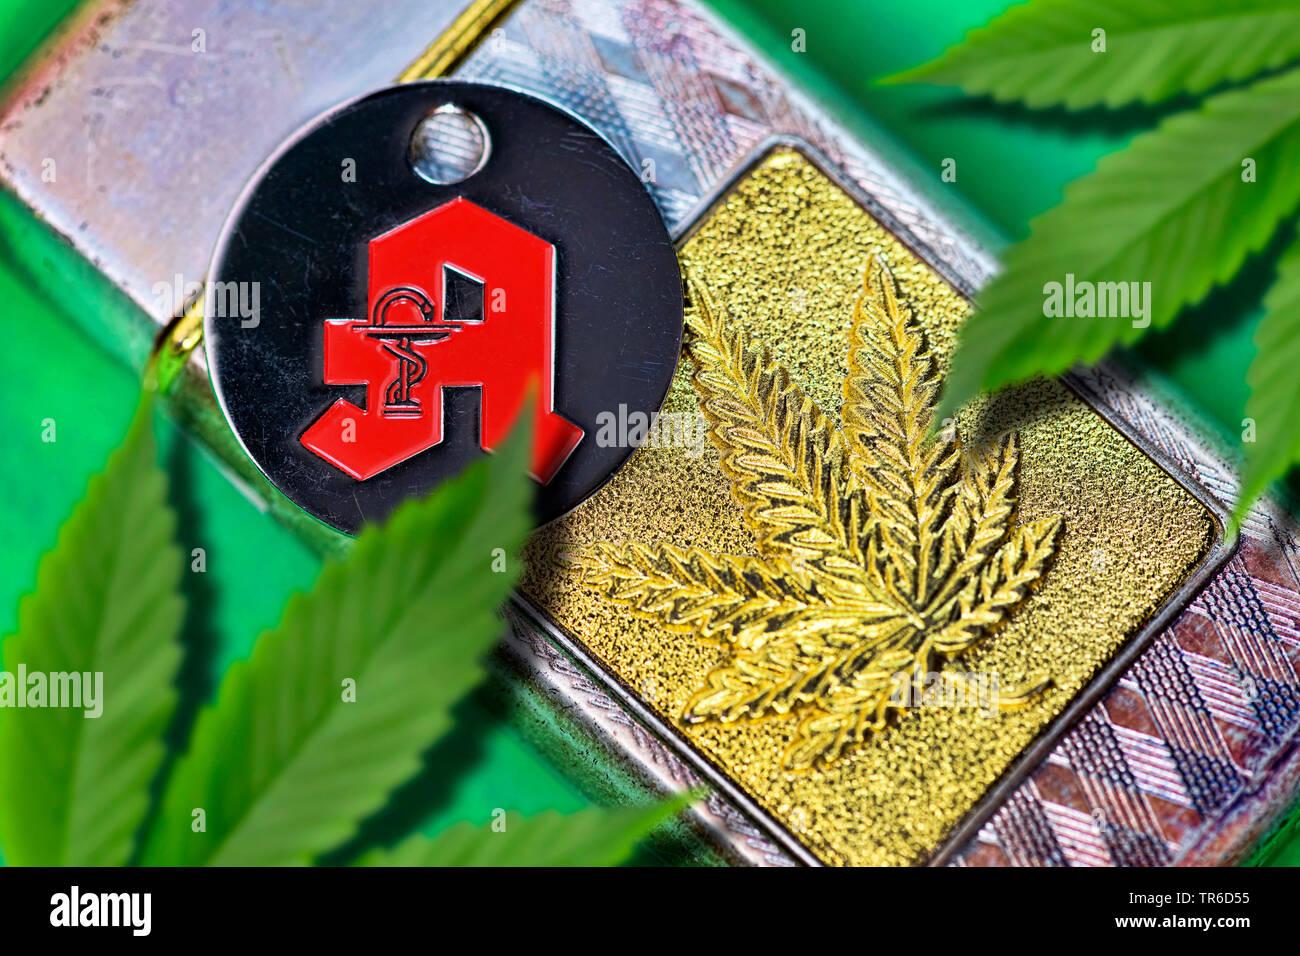 Hanf (Cannabis sativa), Hanfblatt auf einem Feuerzeug und Apotheken-Zeichen, Zulassung von Cannabis als Medizin, Deutschland | Indian hemp, marijuana, - Stock Image